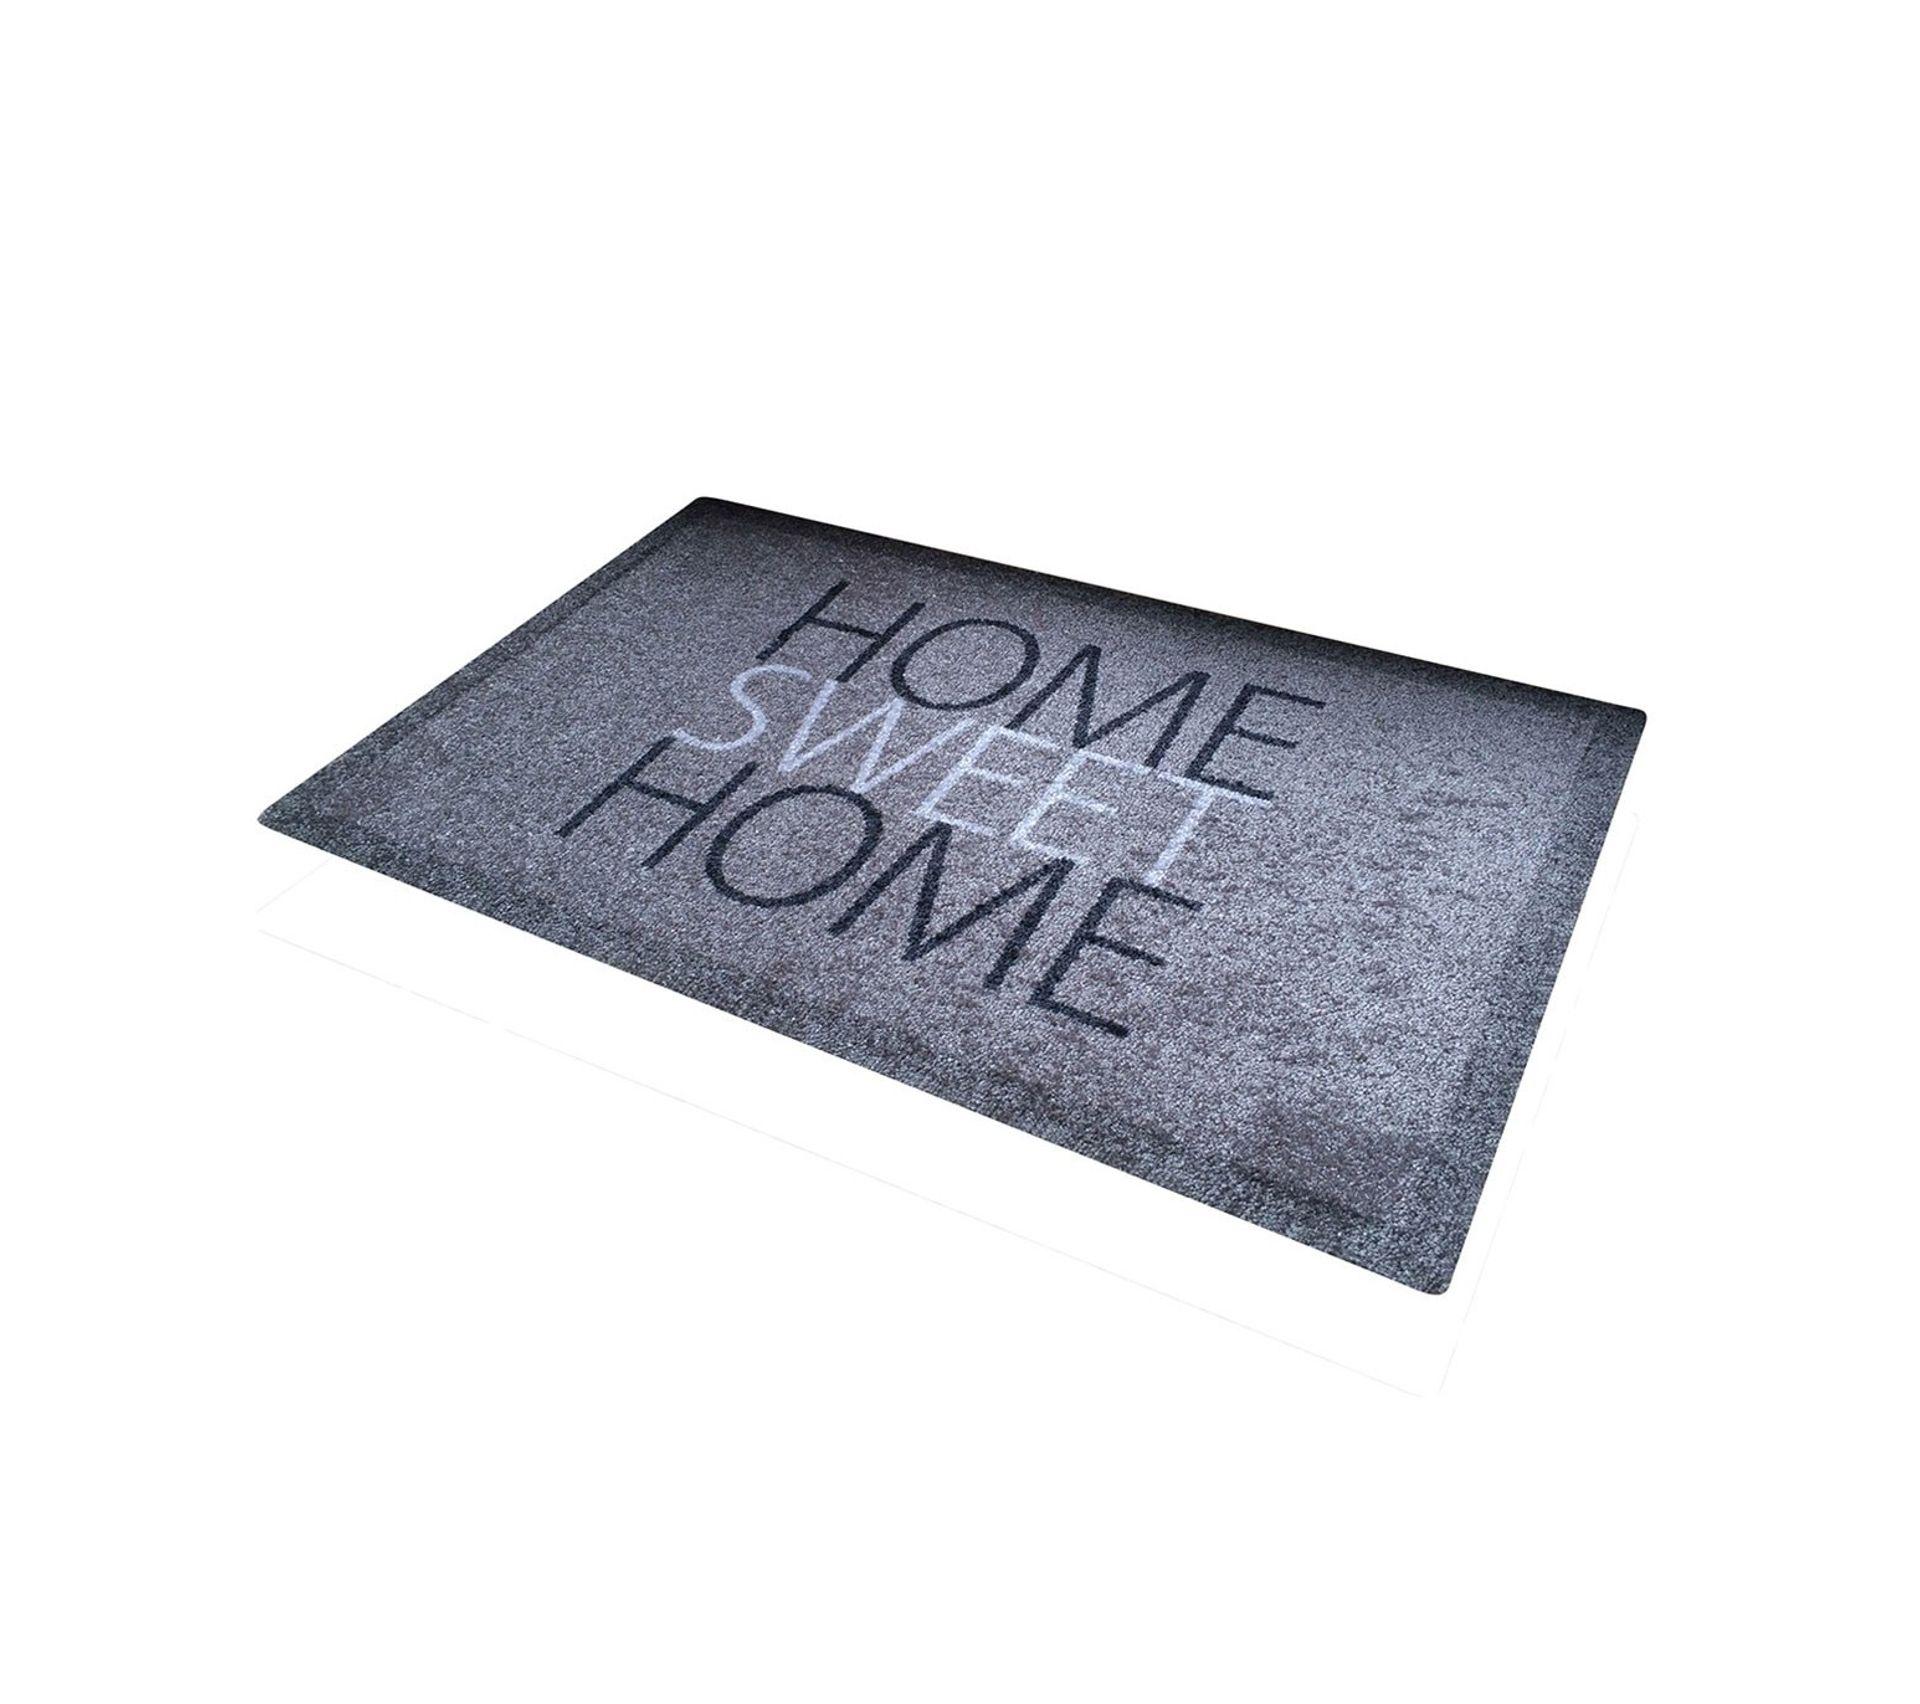 D'entrée D'entrée Tapis Sweet Home D'entrée Home Home Tapis Sweet Sweet Home Tapis Home f7vb6IYgym